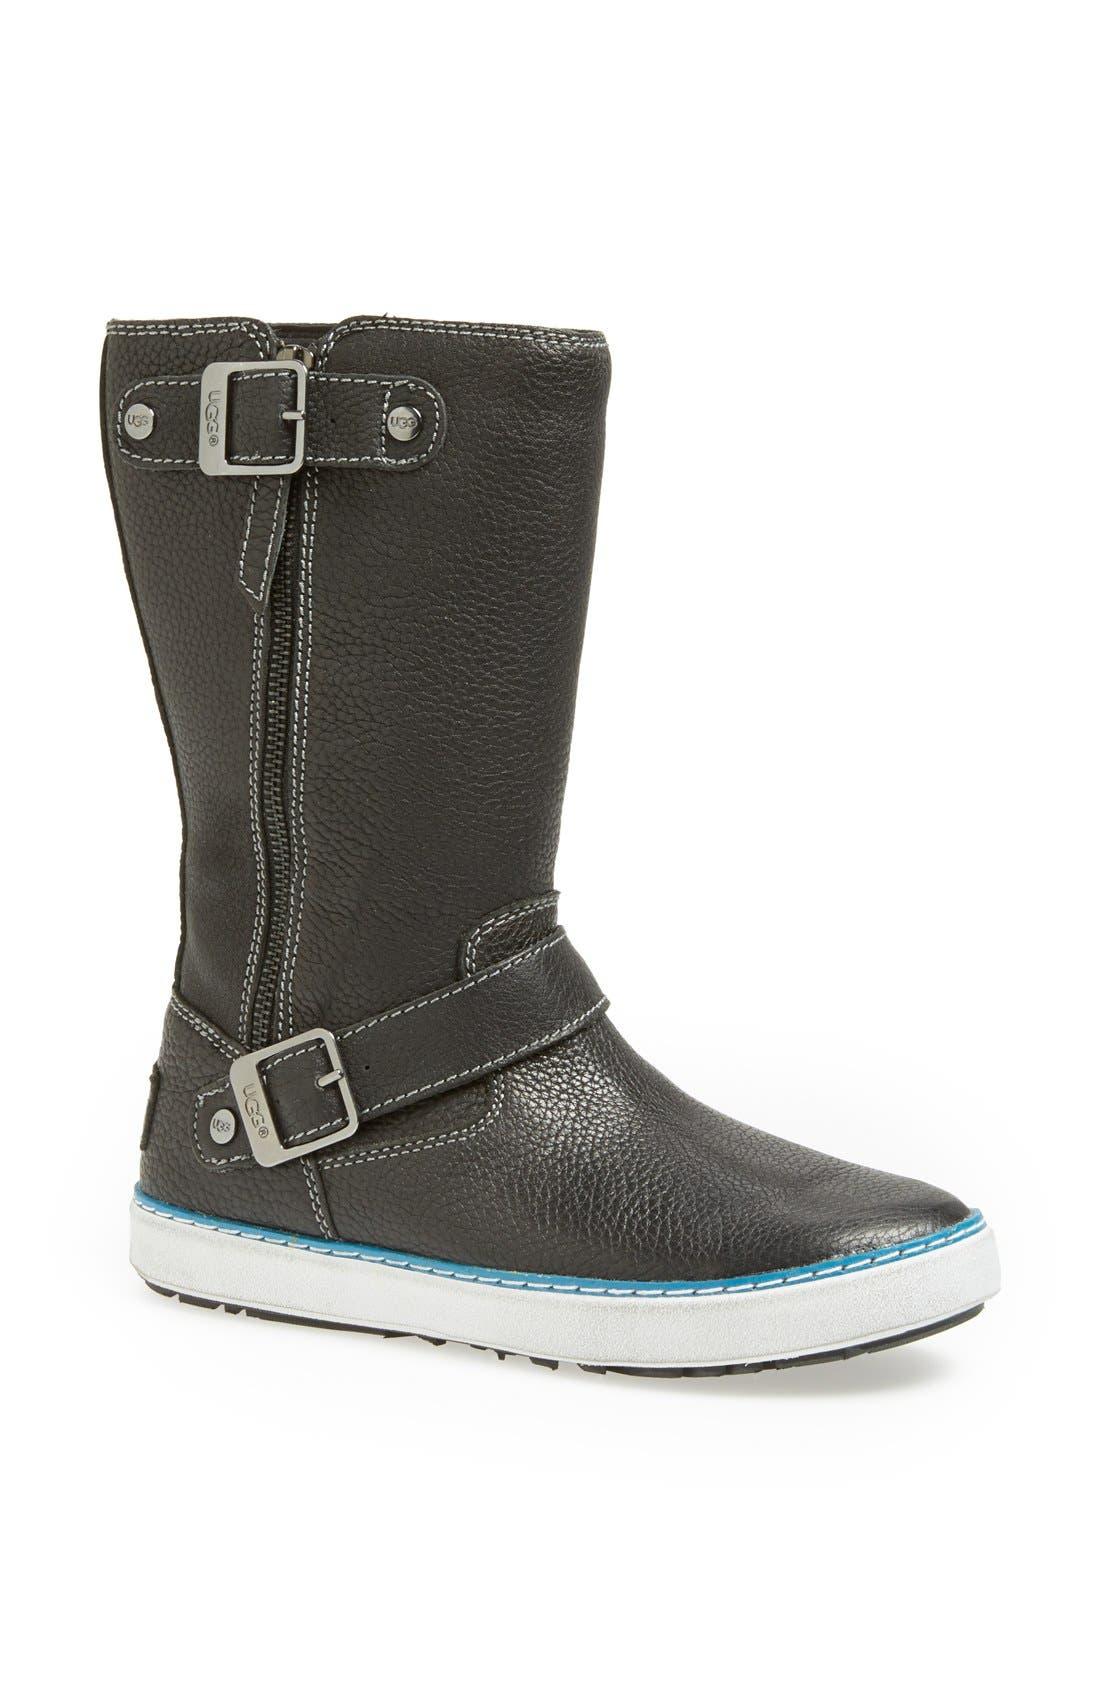 Main Image - UGG® 'Andra' Boot (Women)